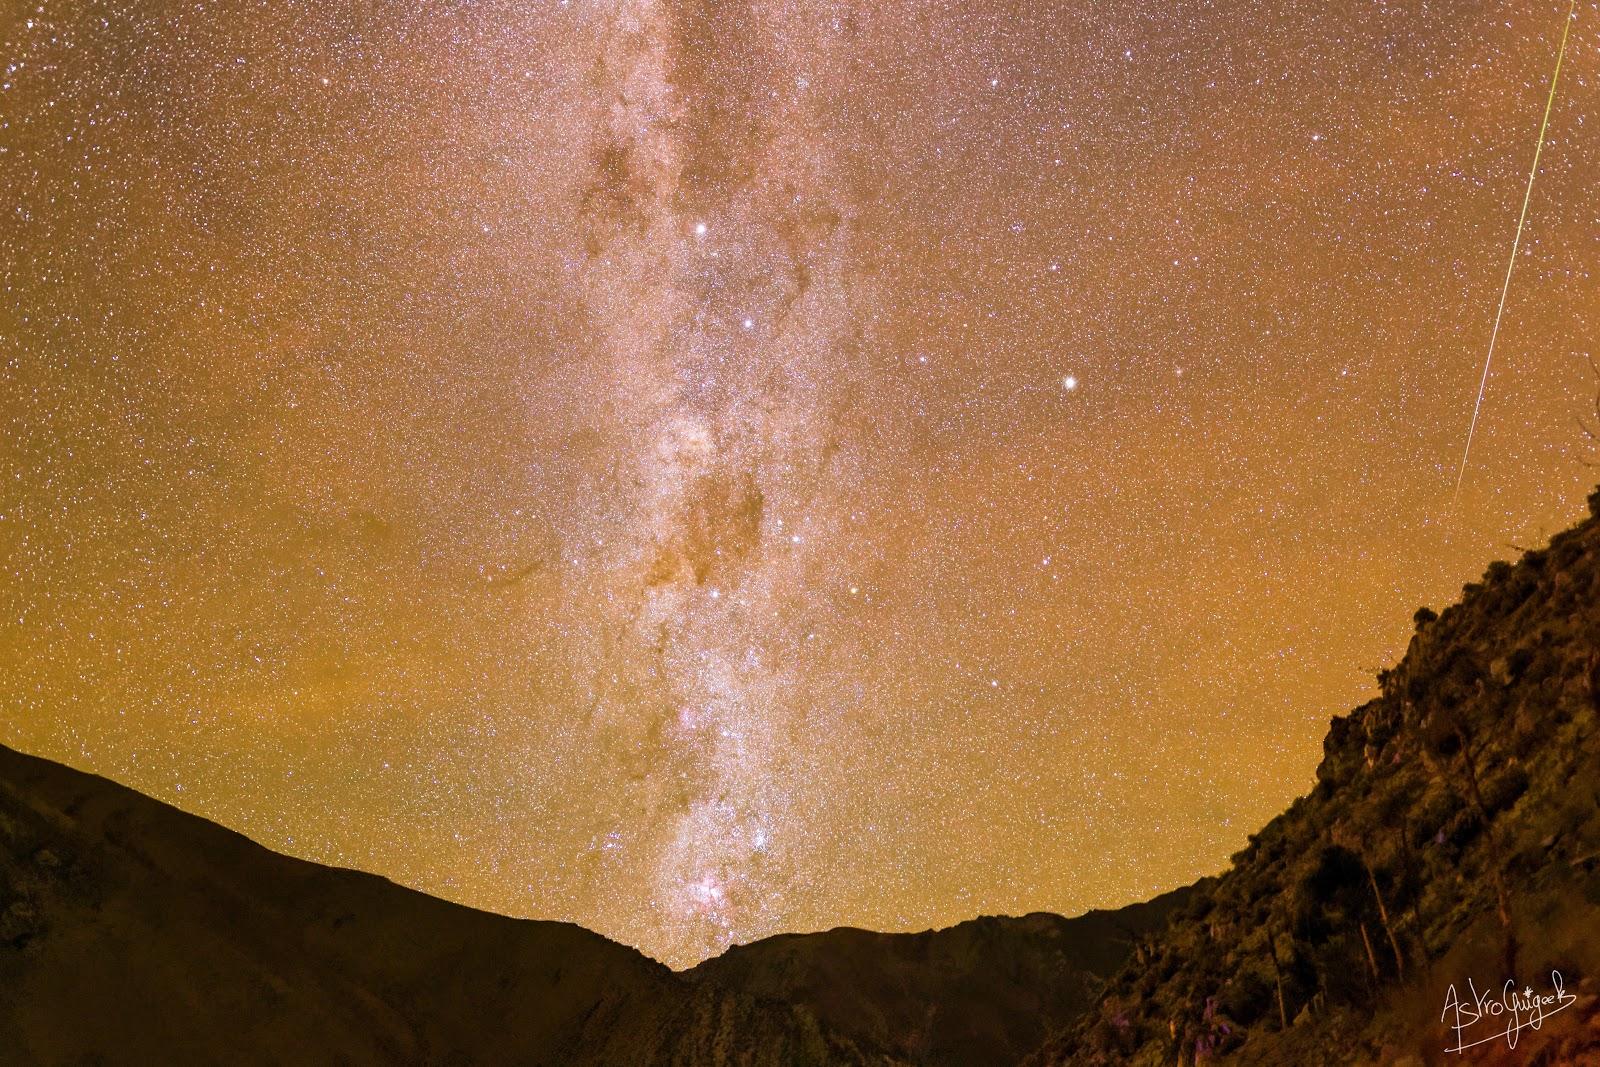 Phénomène double dans le Ciel : Airglow et Météore